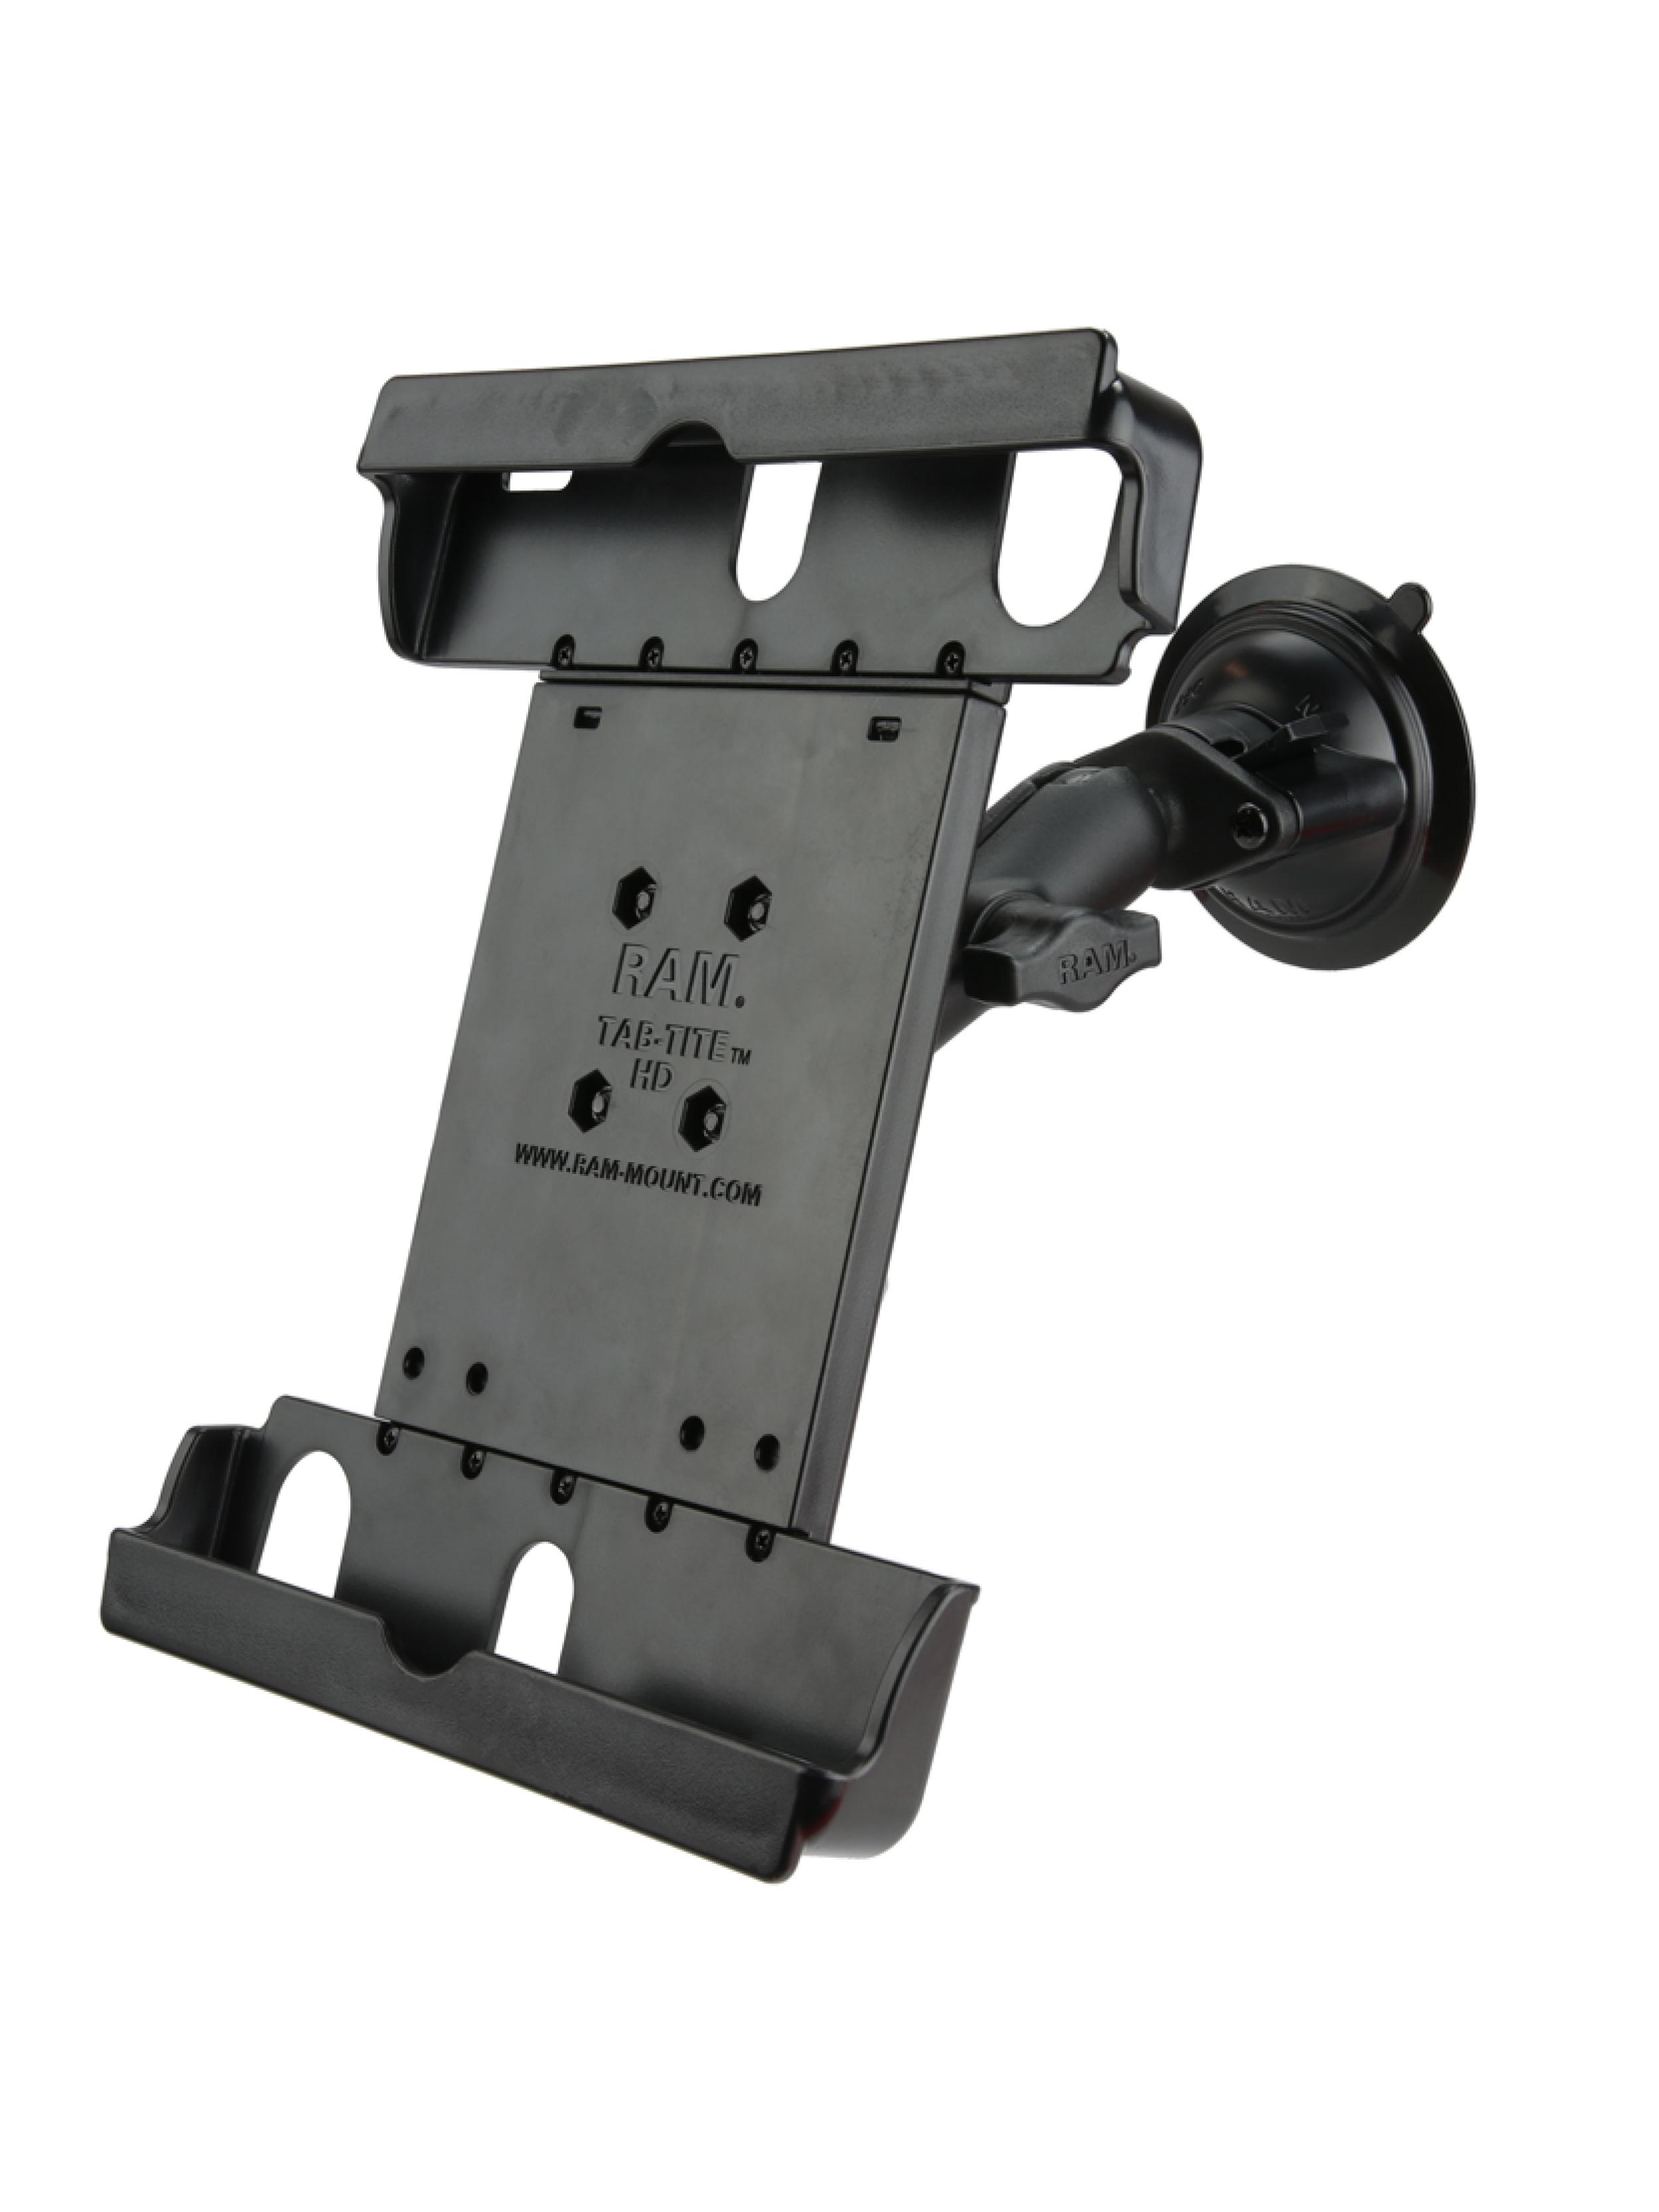 RAM Mounts Saugfuss-Halterung mit Tab-Tite Universal-Halteschale für 9-10.5 Zoll Tablets in Schutzgehäusen - B-Kugel (1 Zoll), mittlerer Verbindungsarm